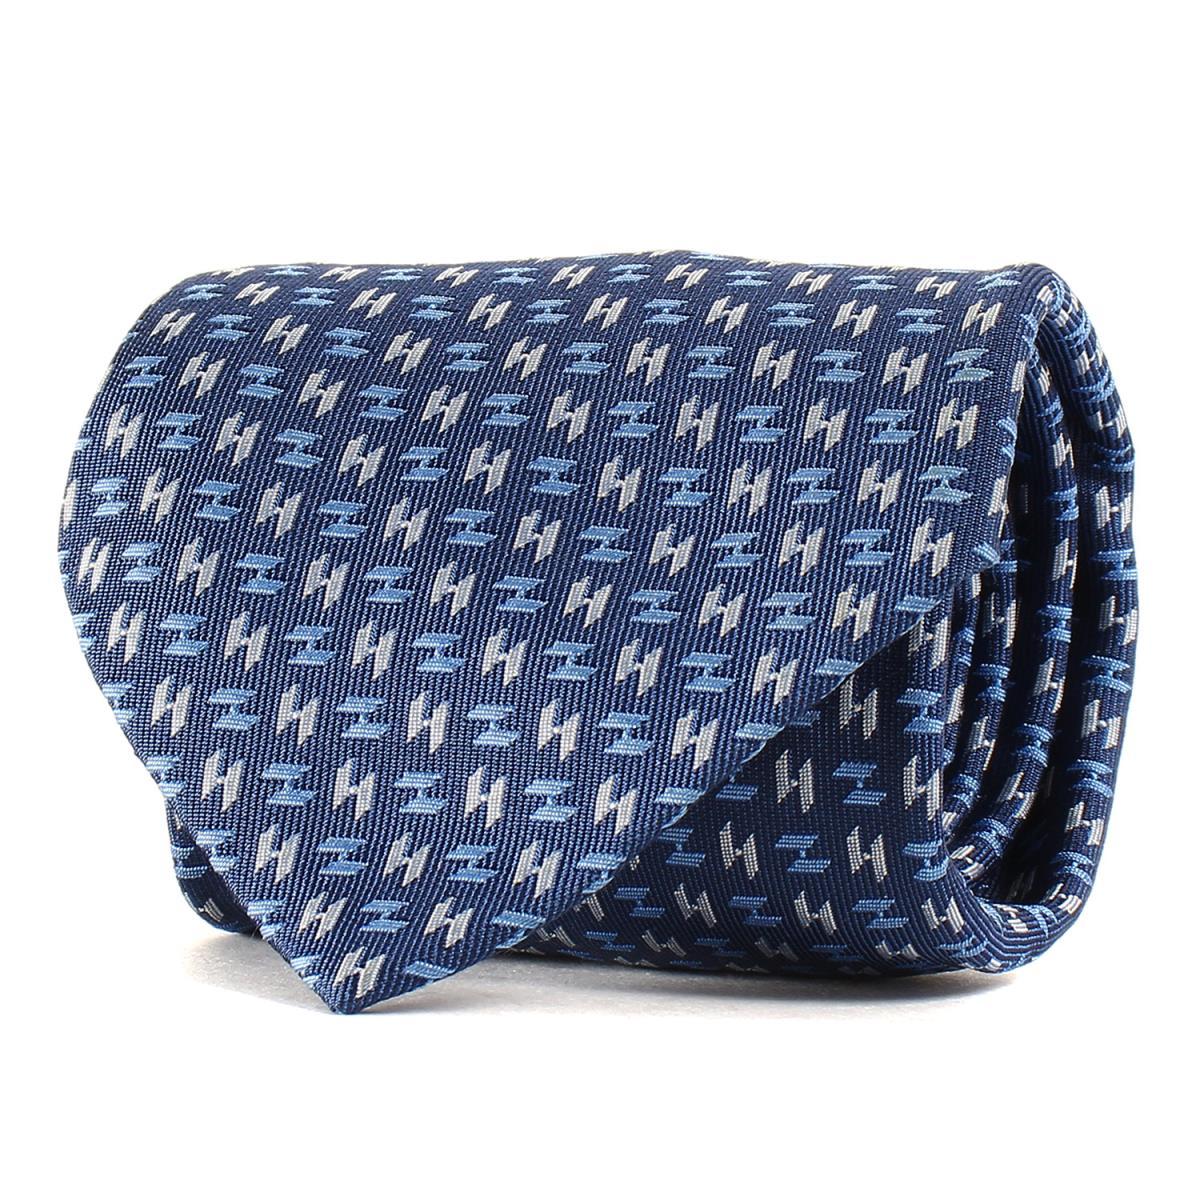 HERMES (エルメス) Hマーク総柄シルクネクタイ フランス製 シルク100% ブルー×シルバー 【メンズ】【美品】【K2247】【中古】【あす楽☆対応可】